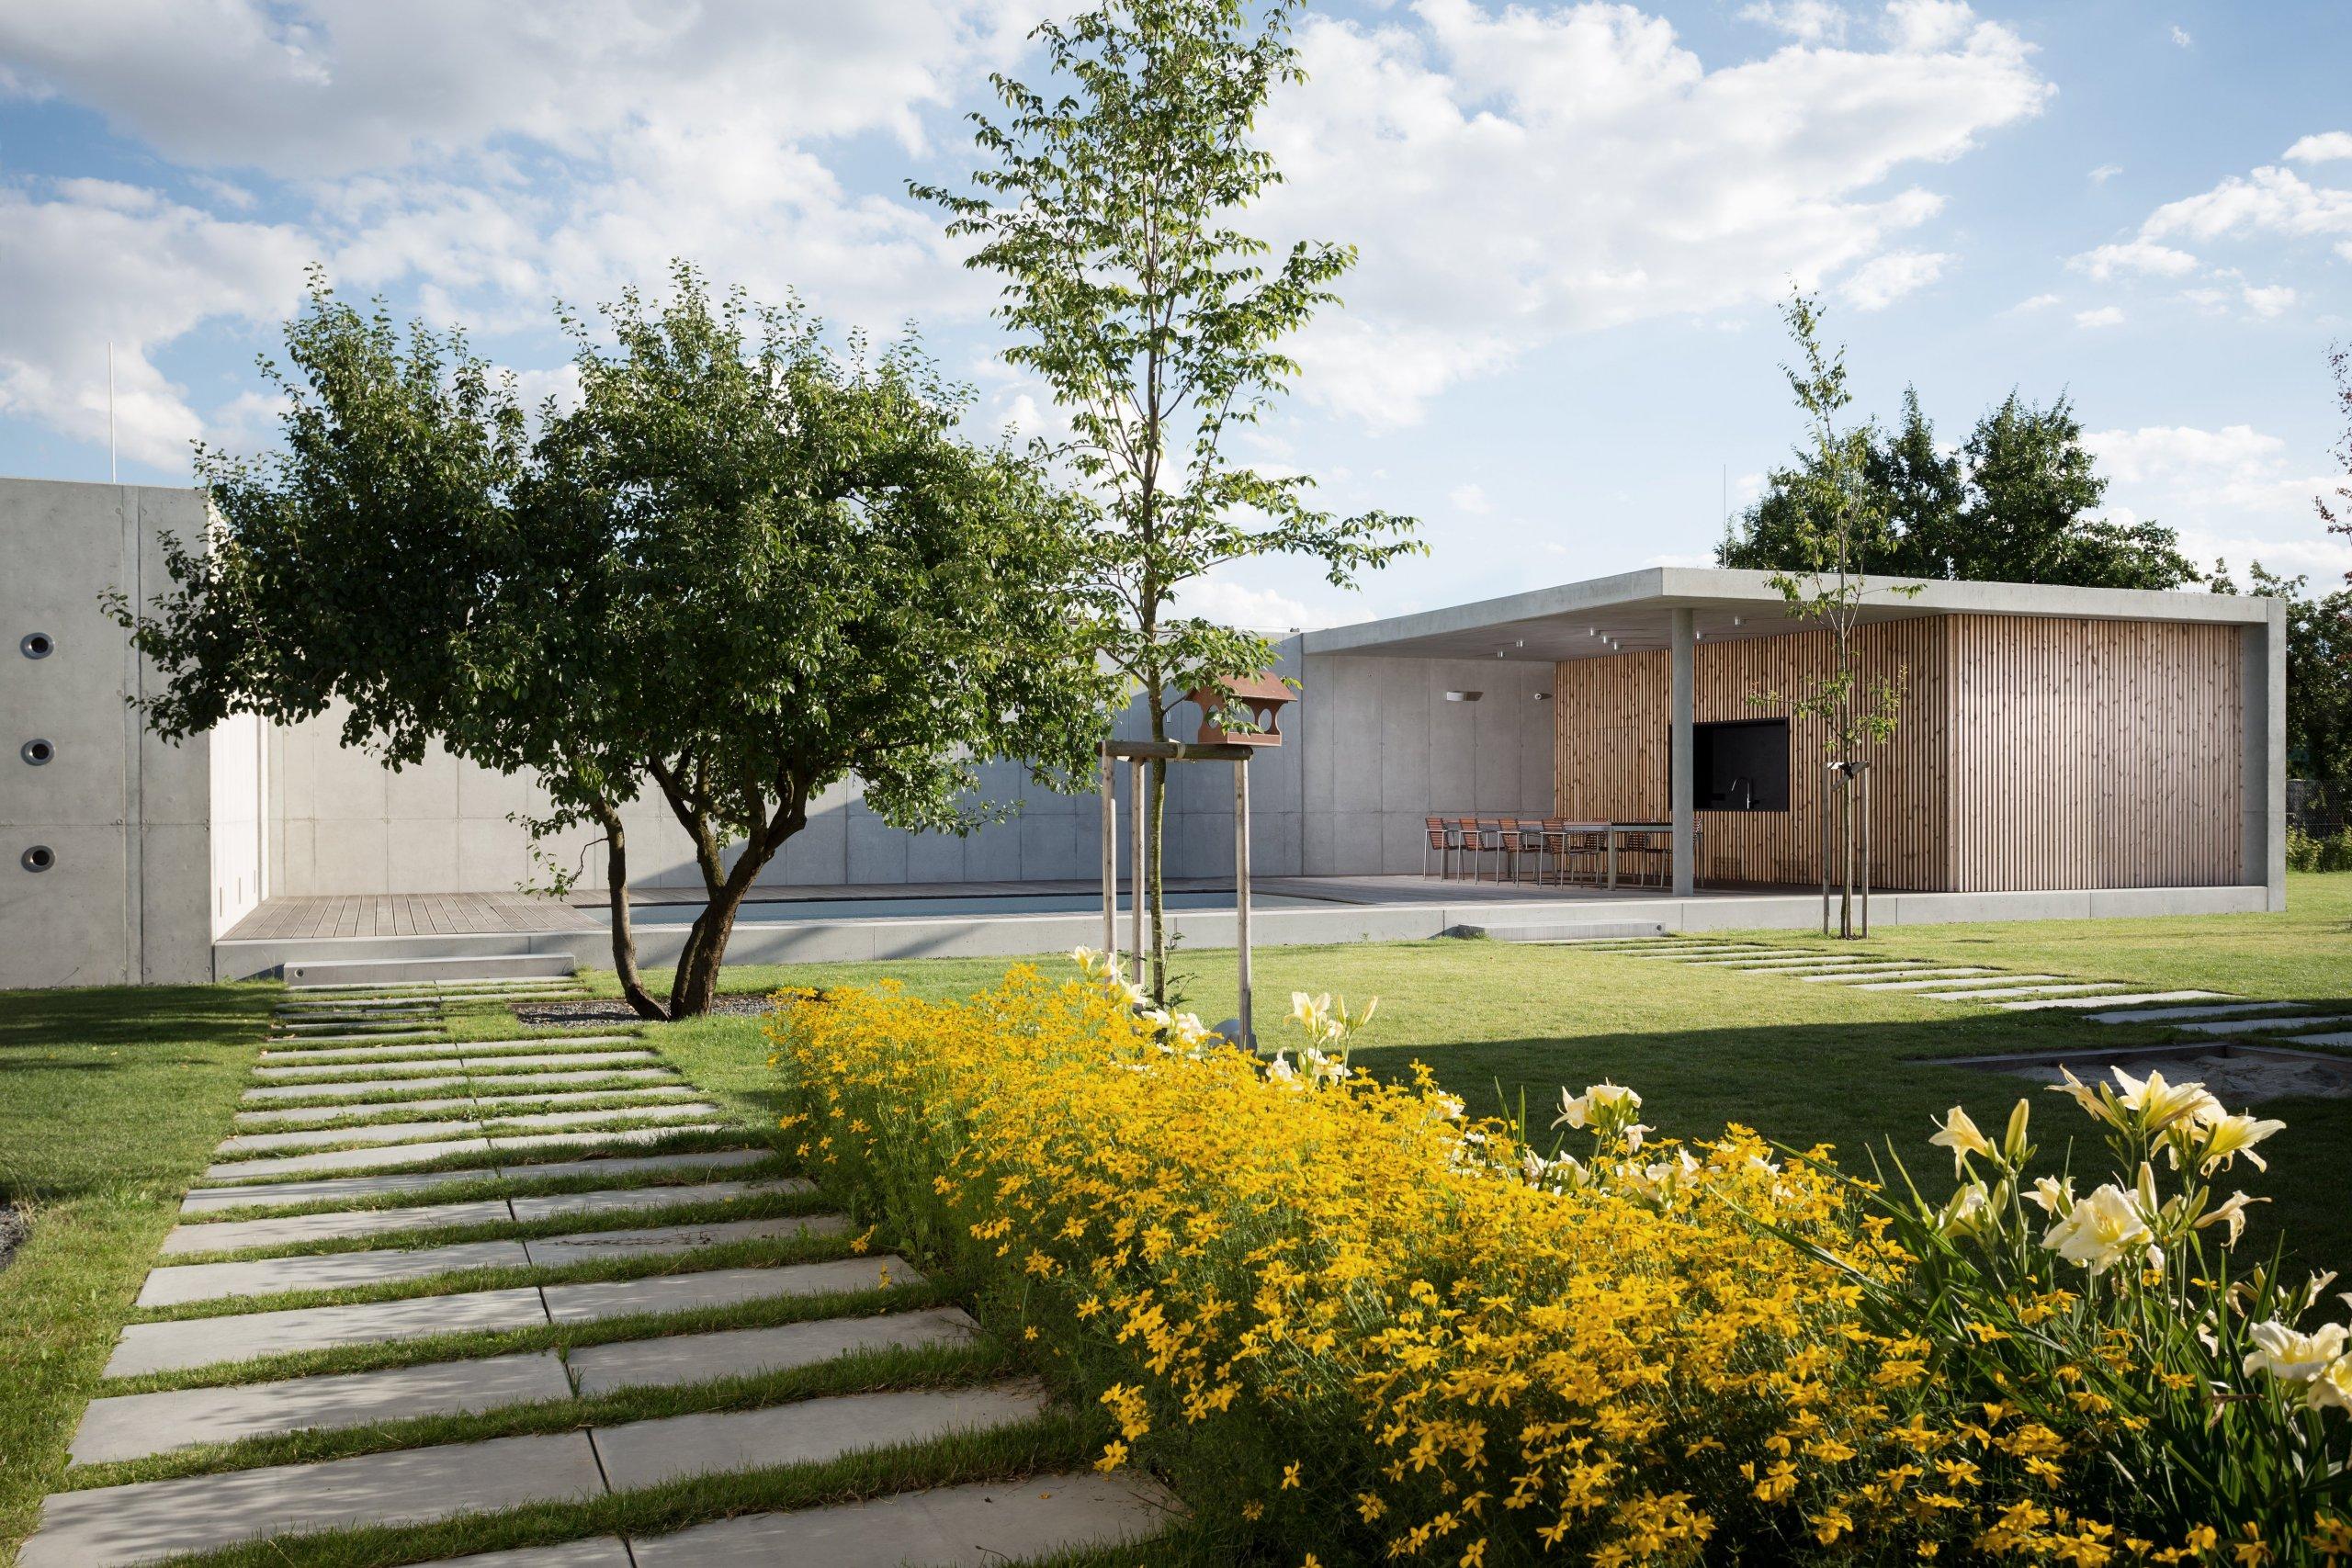 Zahradní pavilon byl realizován jako 2. etaparodinného domu vOlomouci - Slavoníně. Pavilon je umístěn na jižní hranici pozemku a zakončuje pohled z…